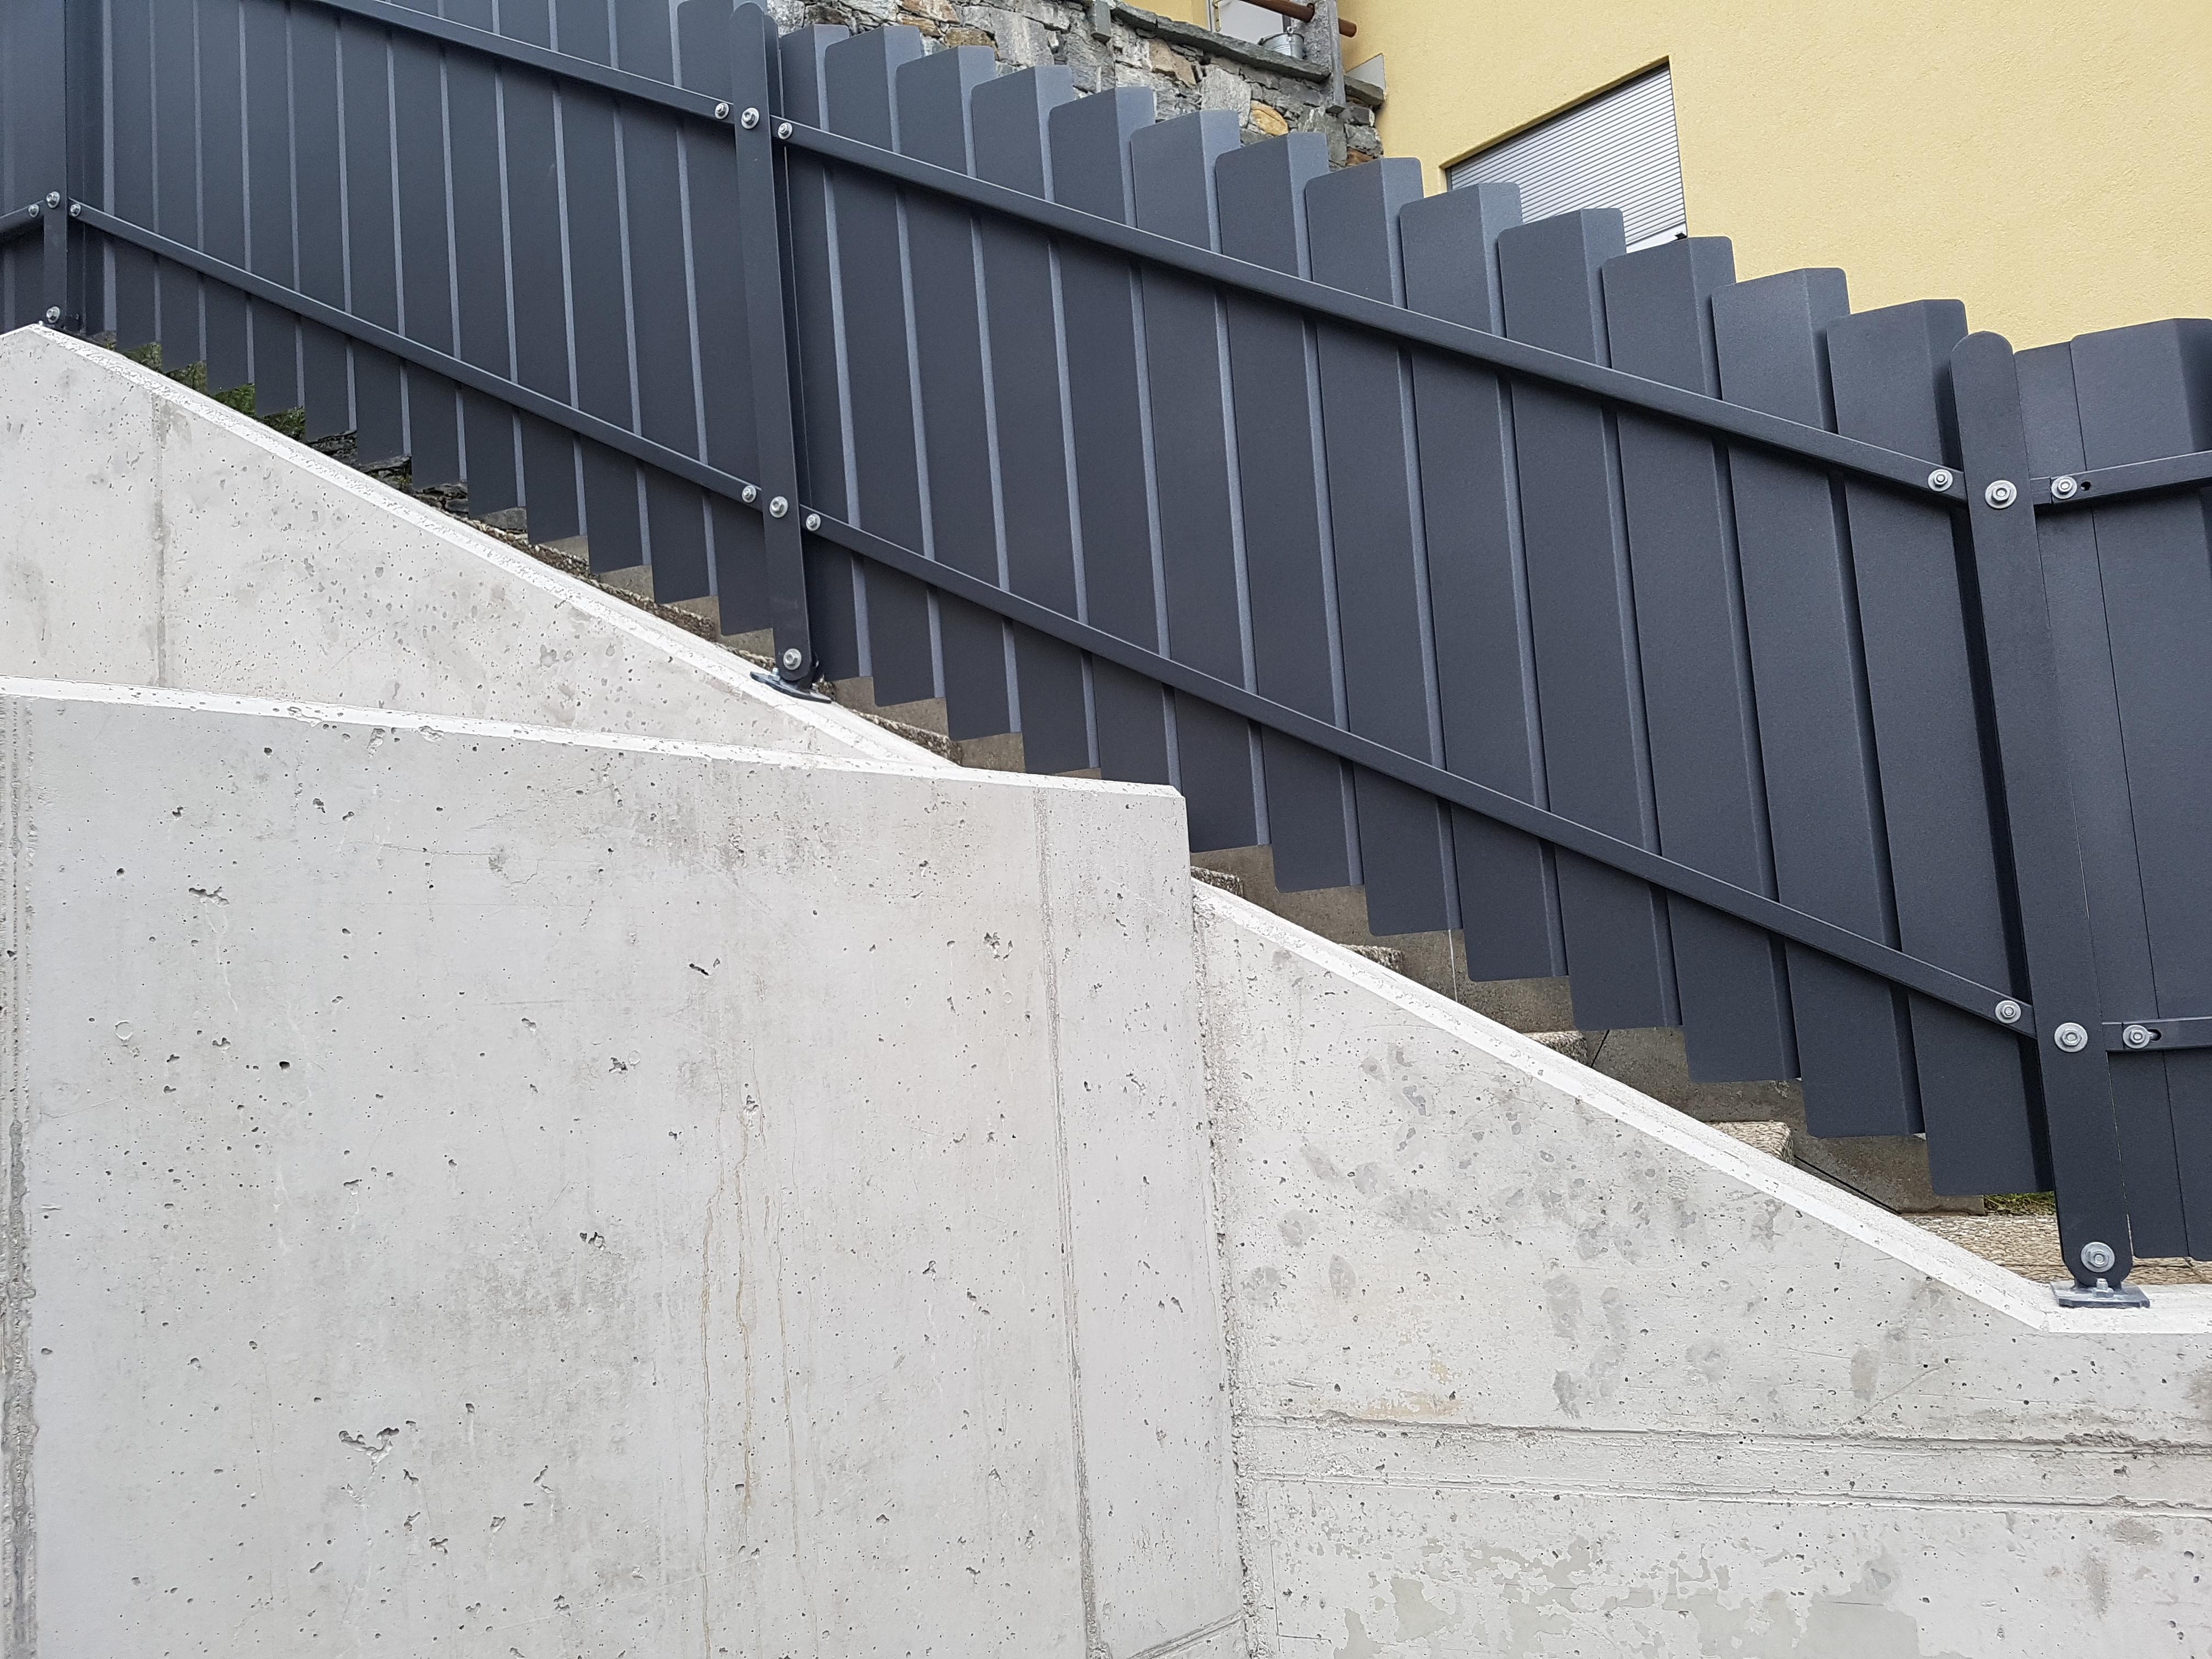 Recinzione Giardino In Ferro piazzogna - recinzioni in ferro ticino